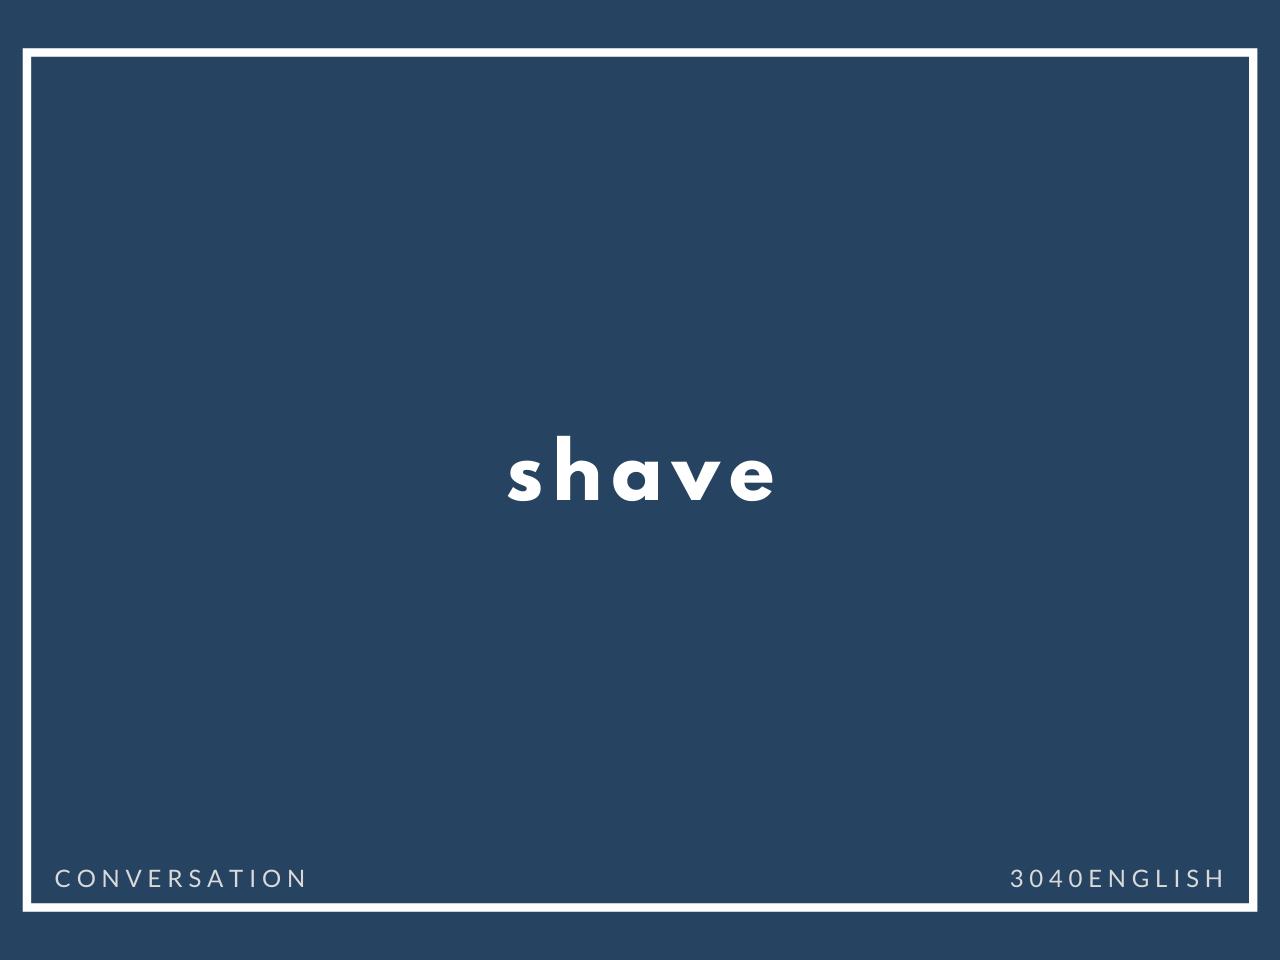 「ひげをそる」「髭を剃る」の英語表現【英会話用例文あり】